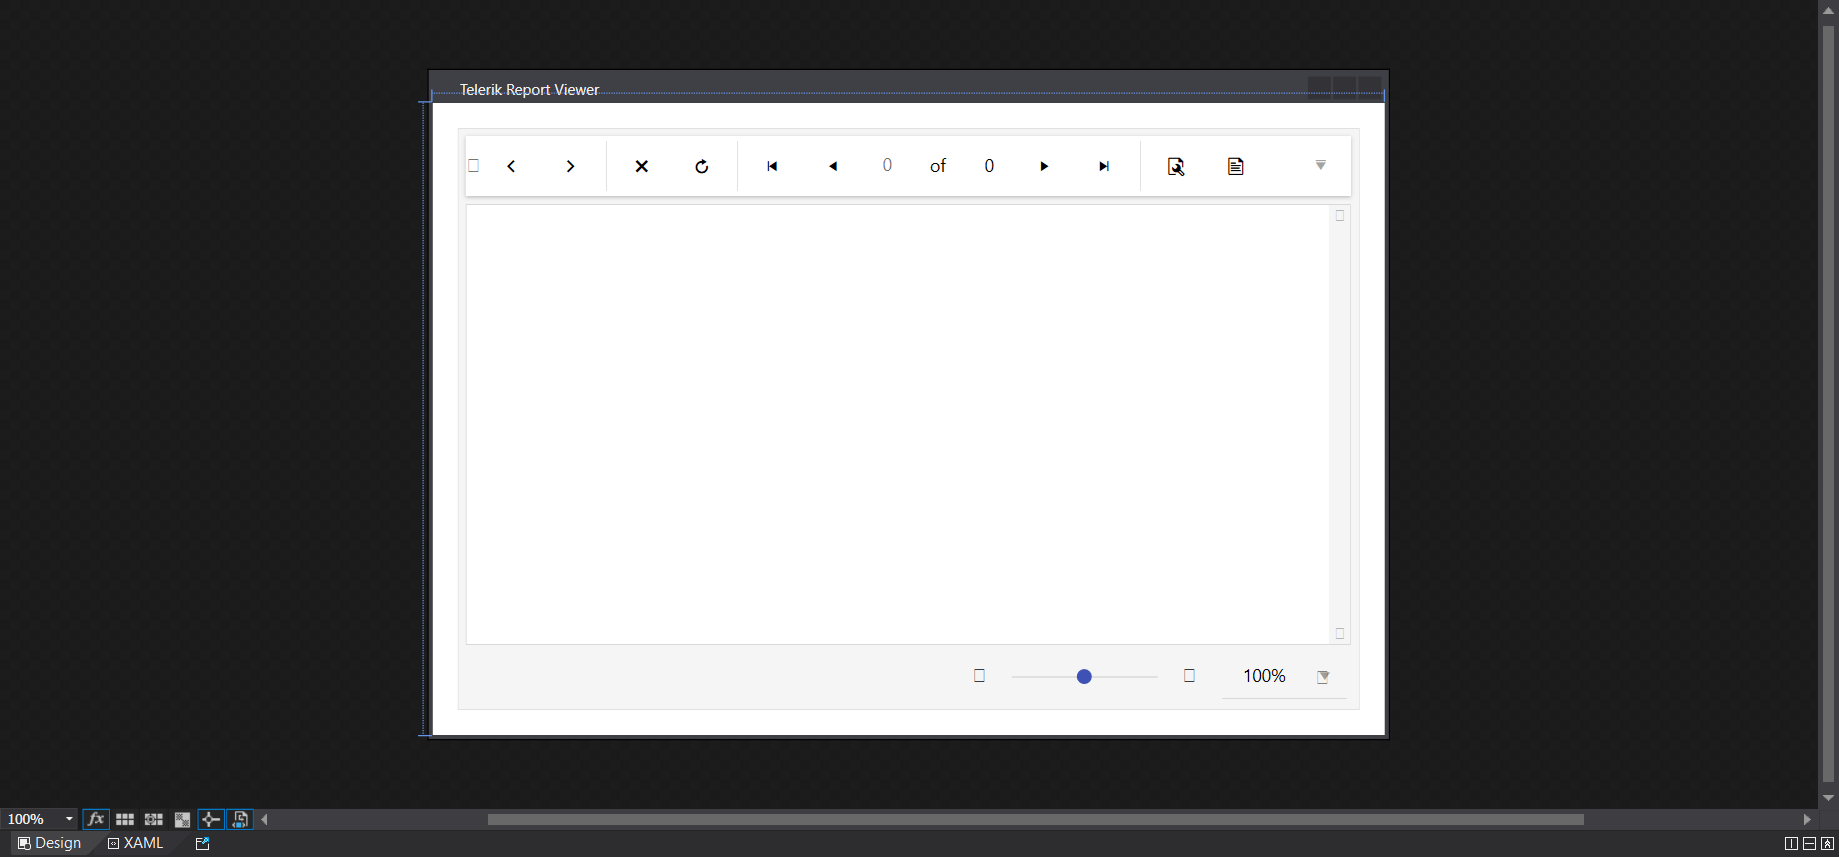 Telerik report viewer design window